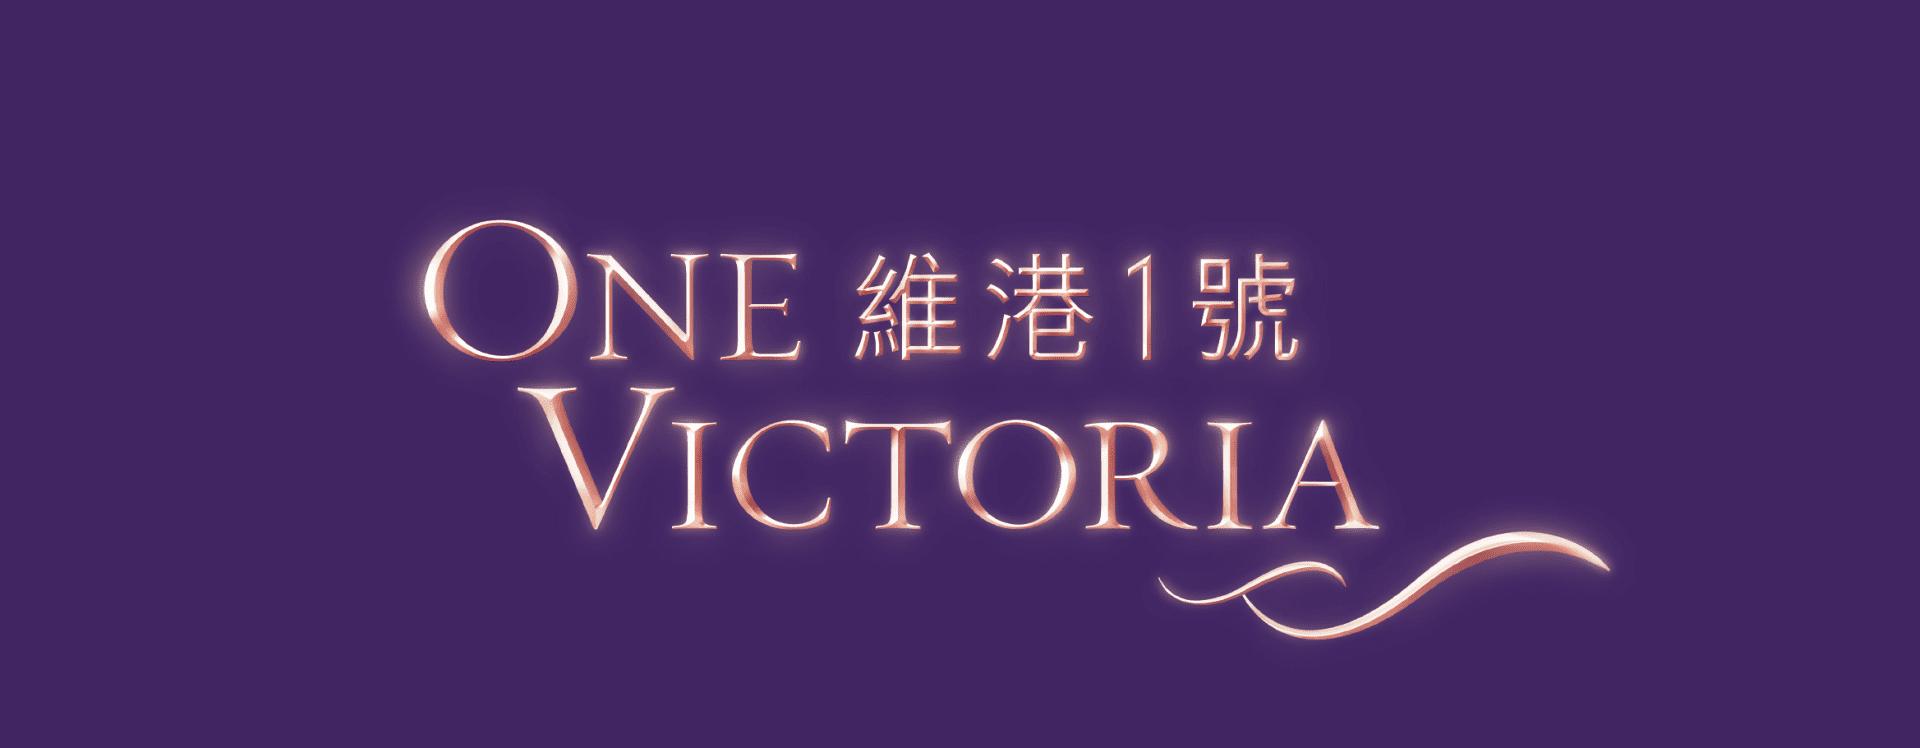 One_Victoria_banner